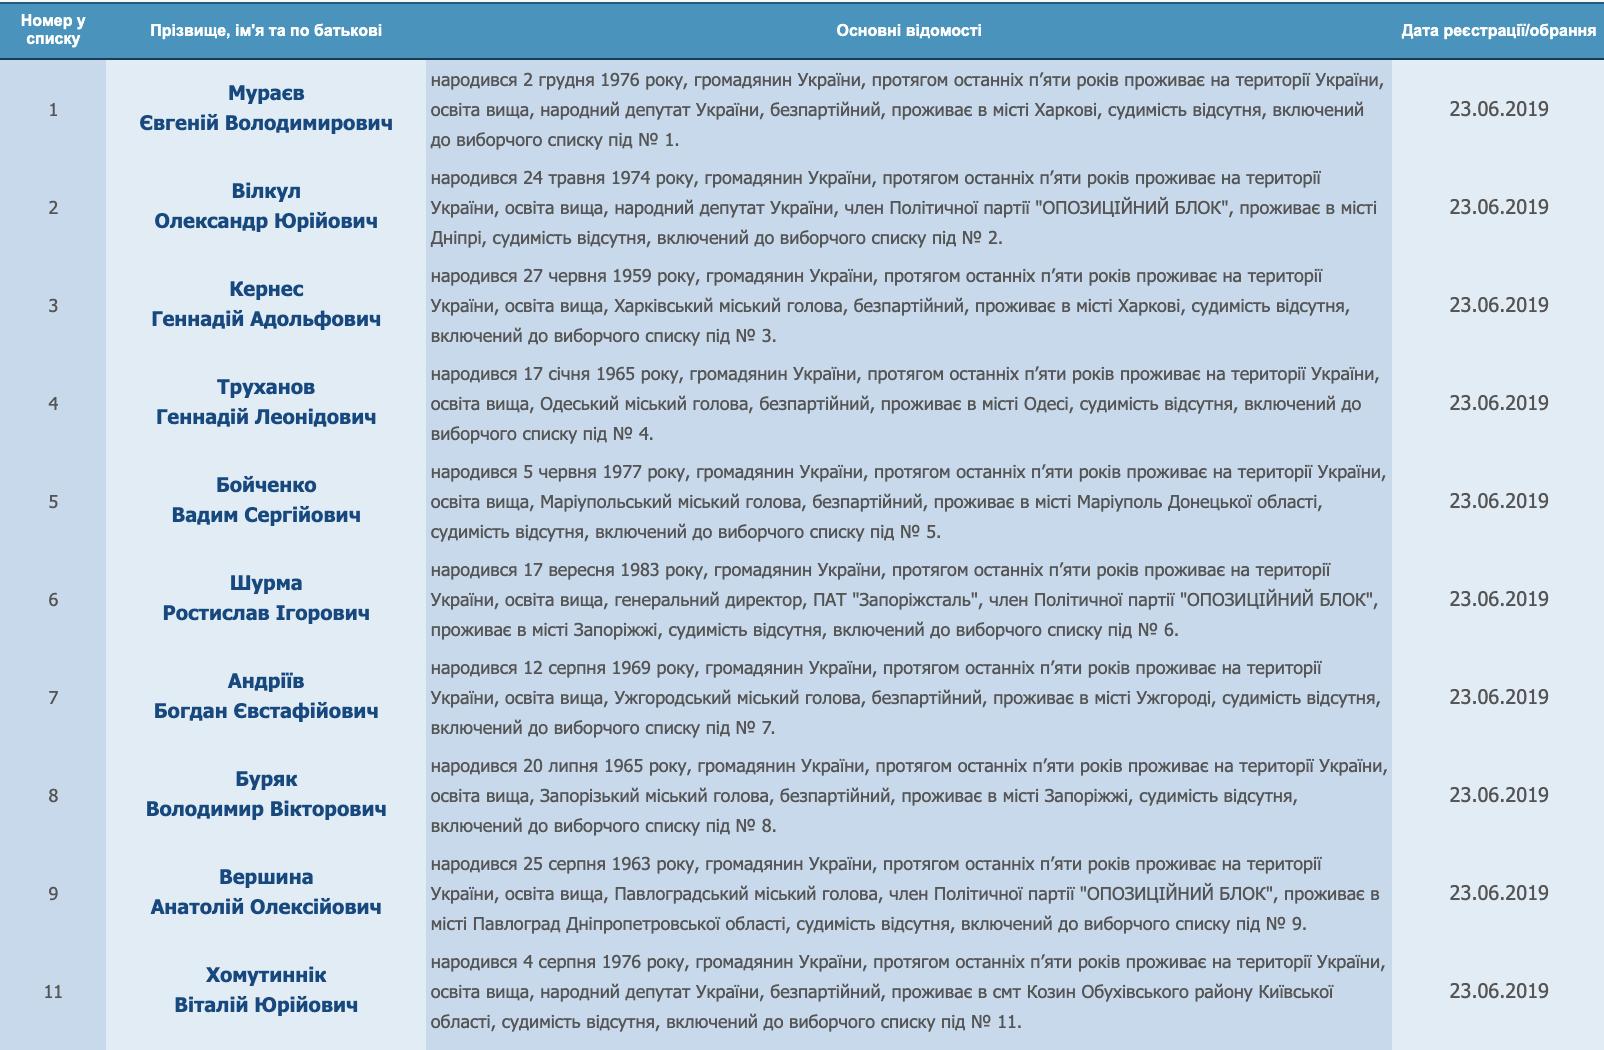 Список Оппозиционного блока